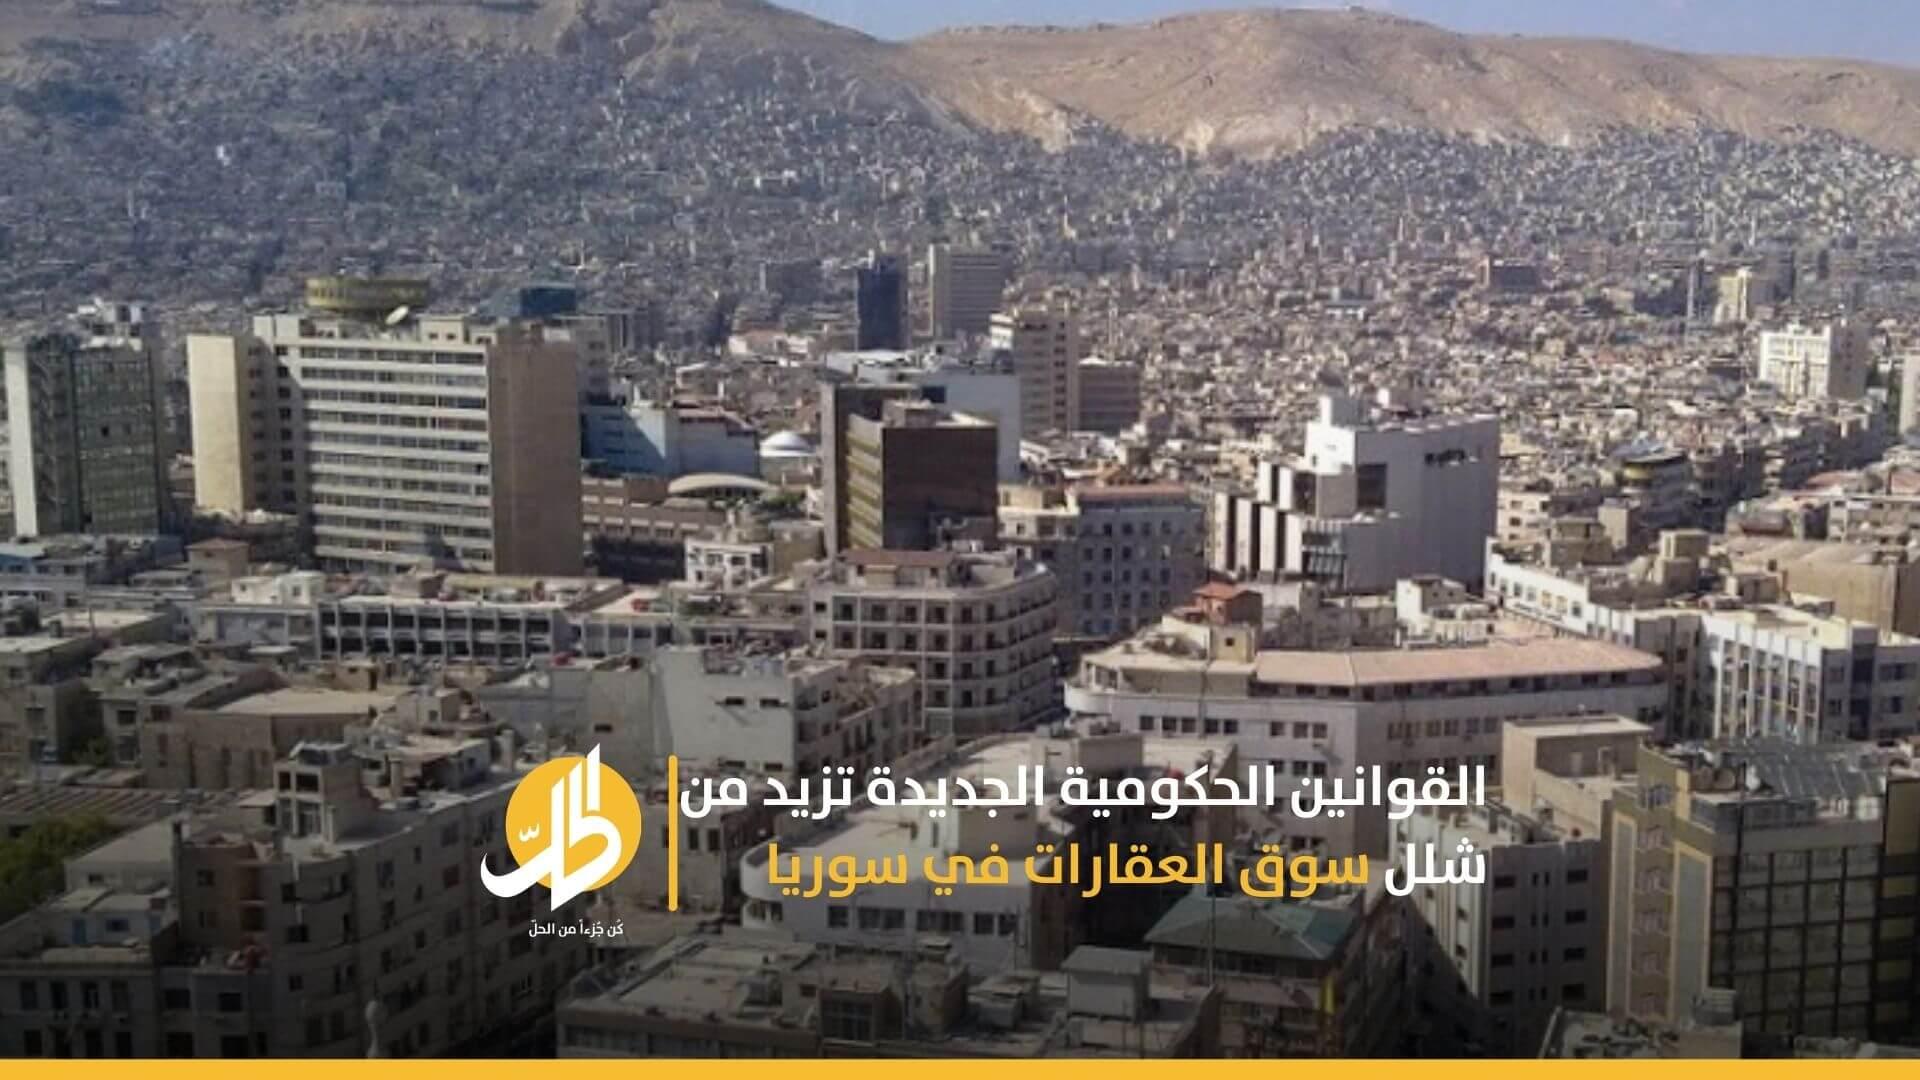 القوانين الحكومية الجديدة تزيد من شلل سوق العقارات في سوريا